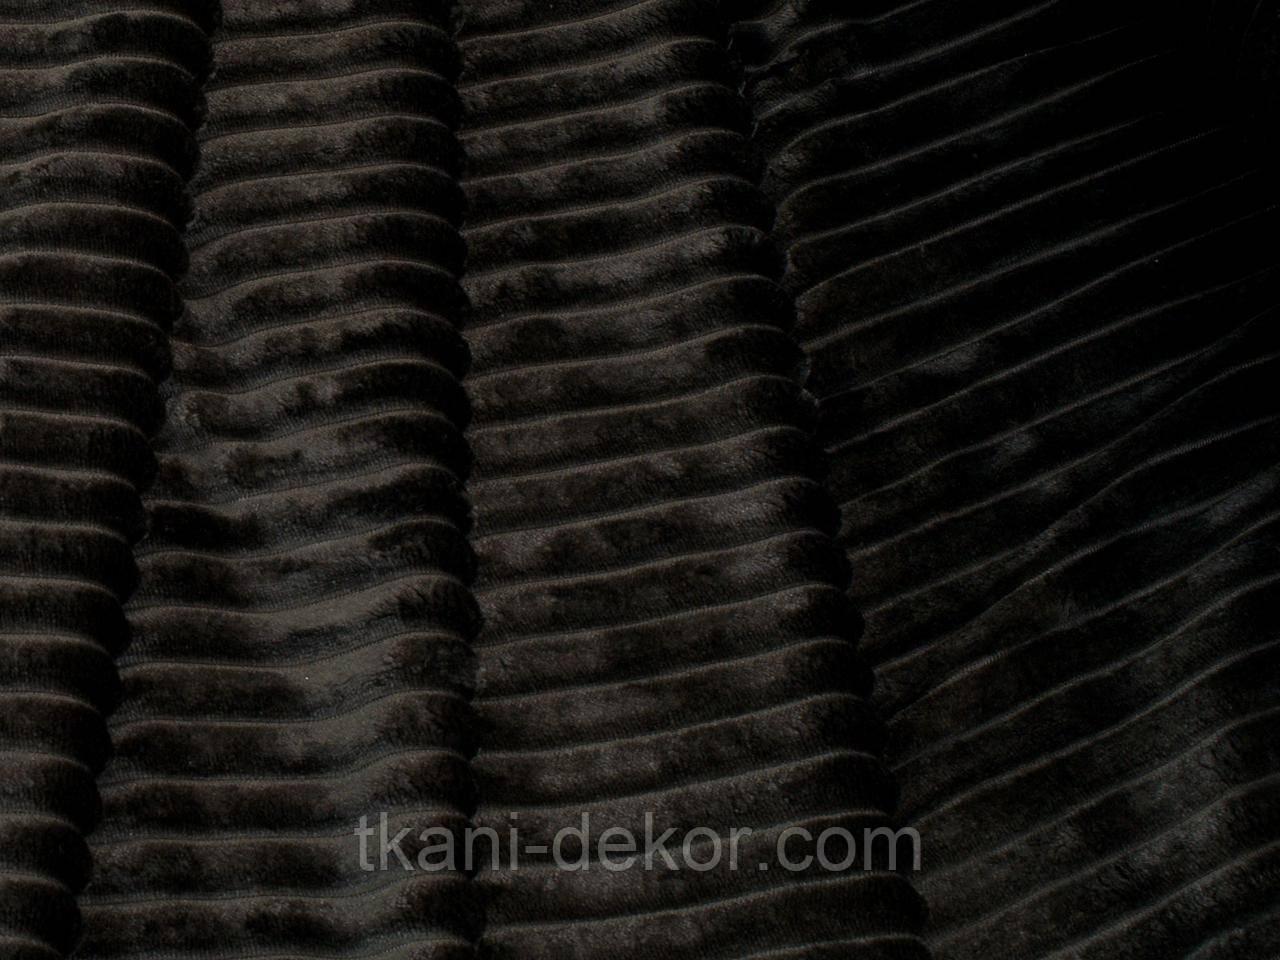 Плюшевая ткань Minky черный шарпей